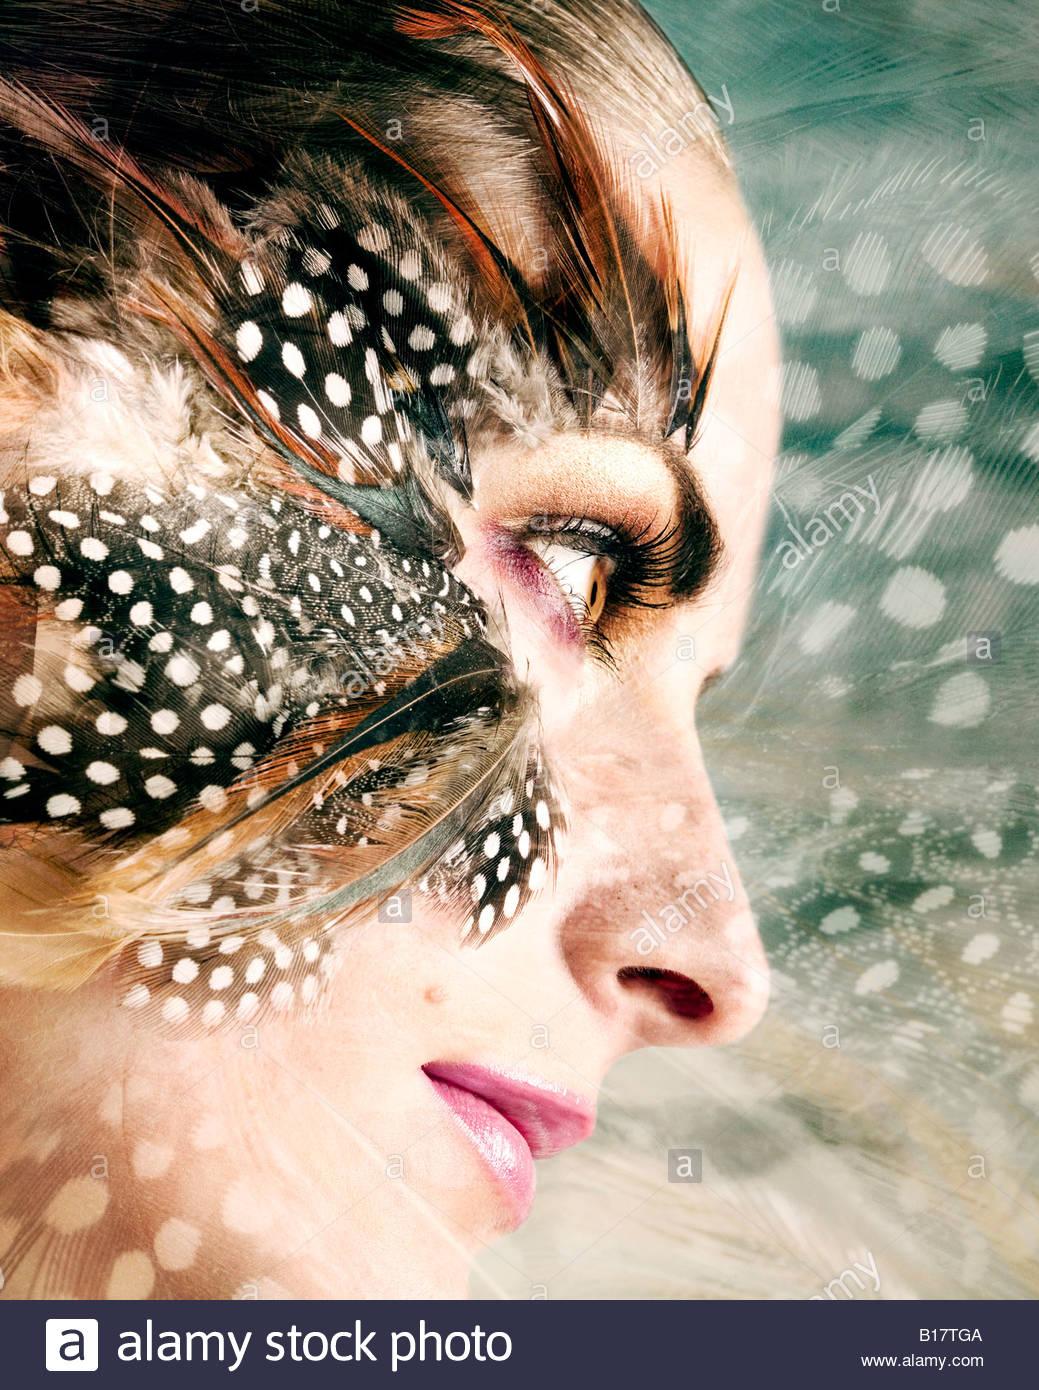 Junge Frau mit Federn um ihre Augen Stockbild